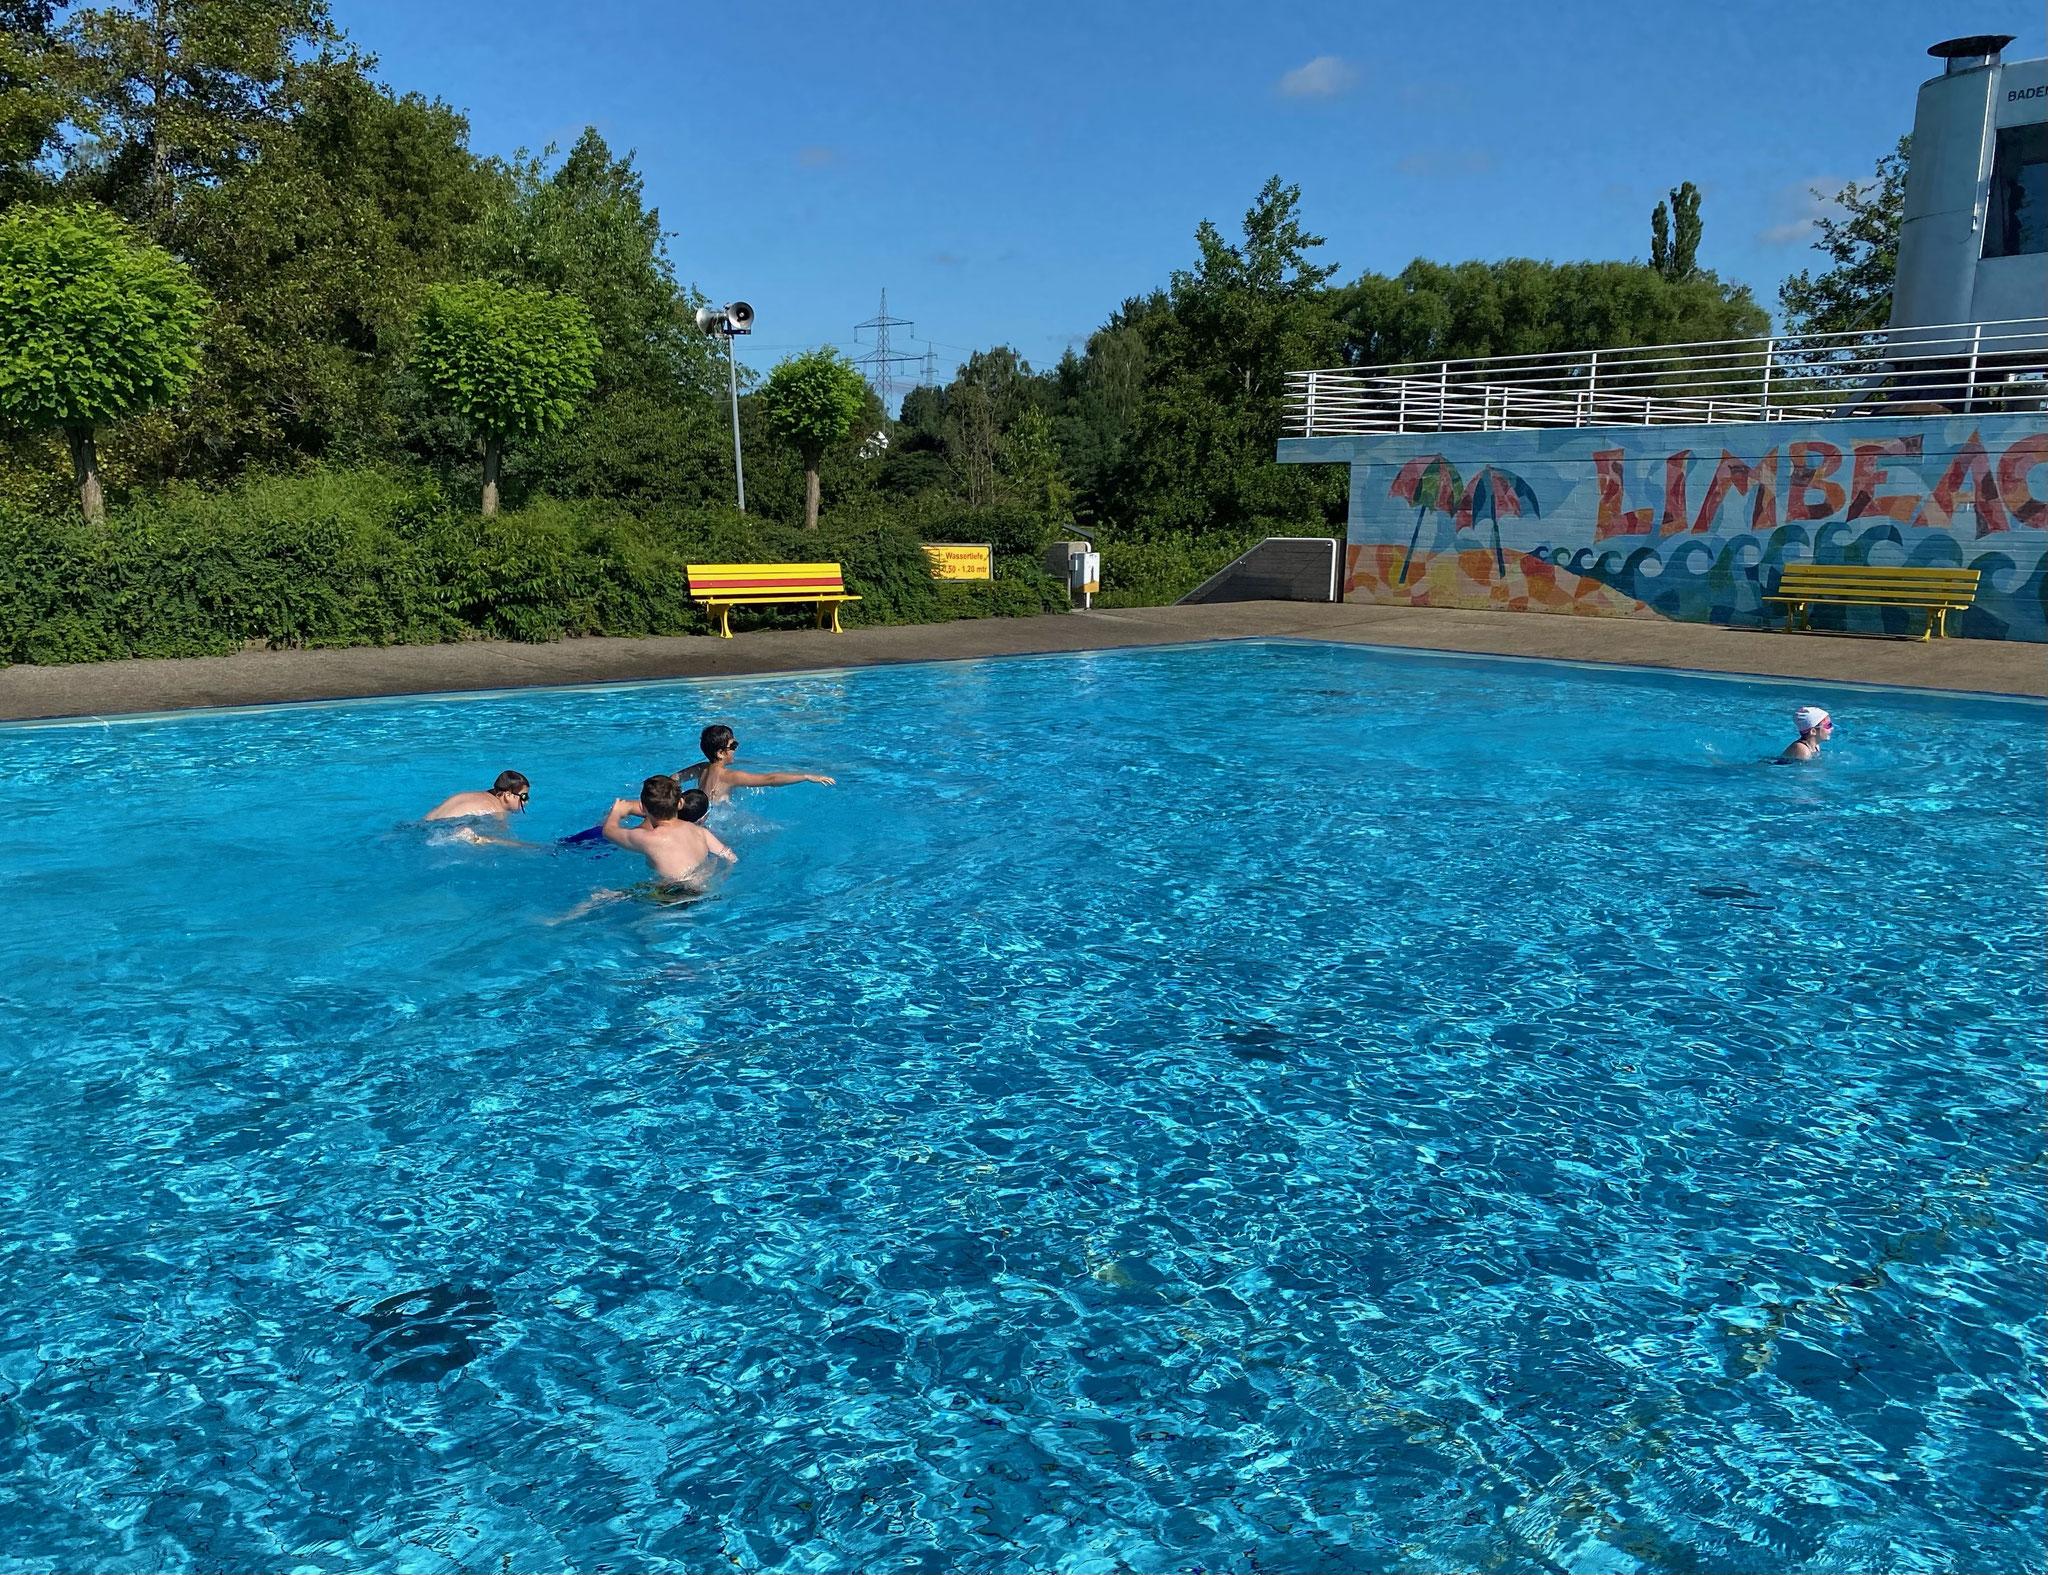 Das Nichtschwimmerbecken hatten wir meistens für uns alleine.